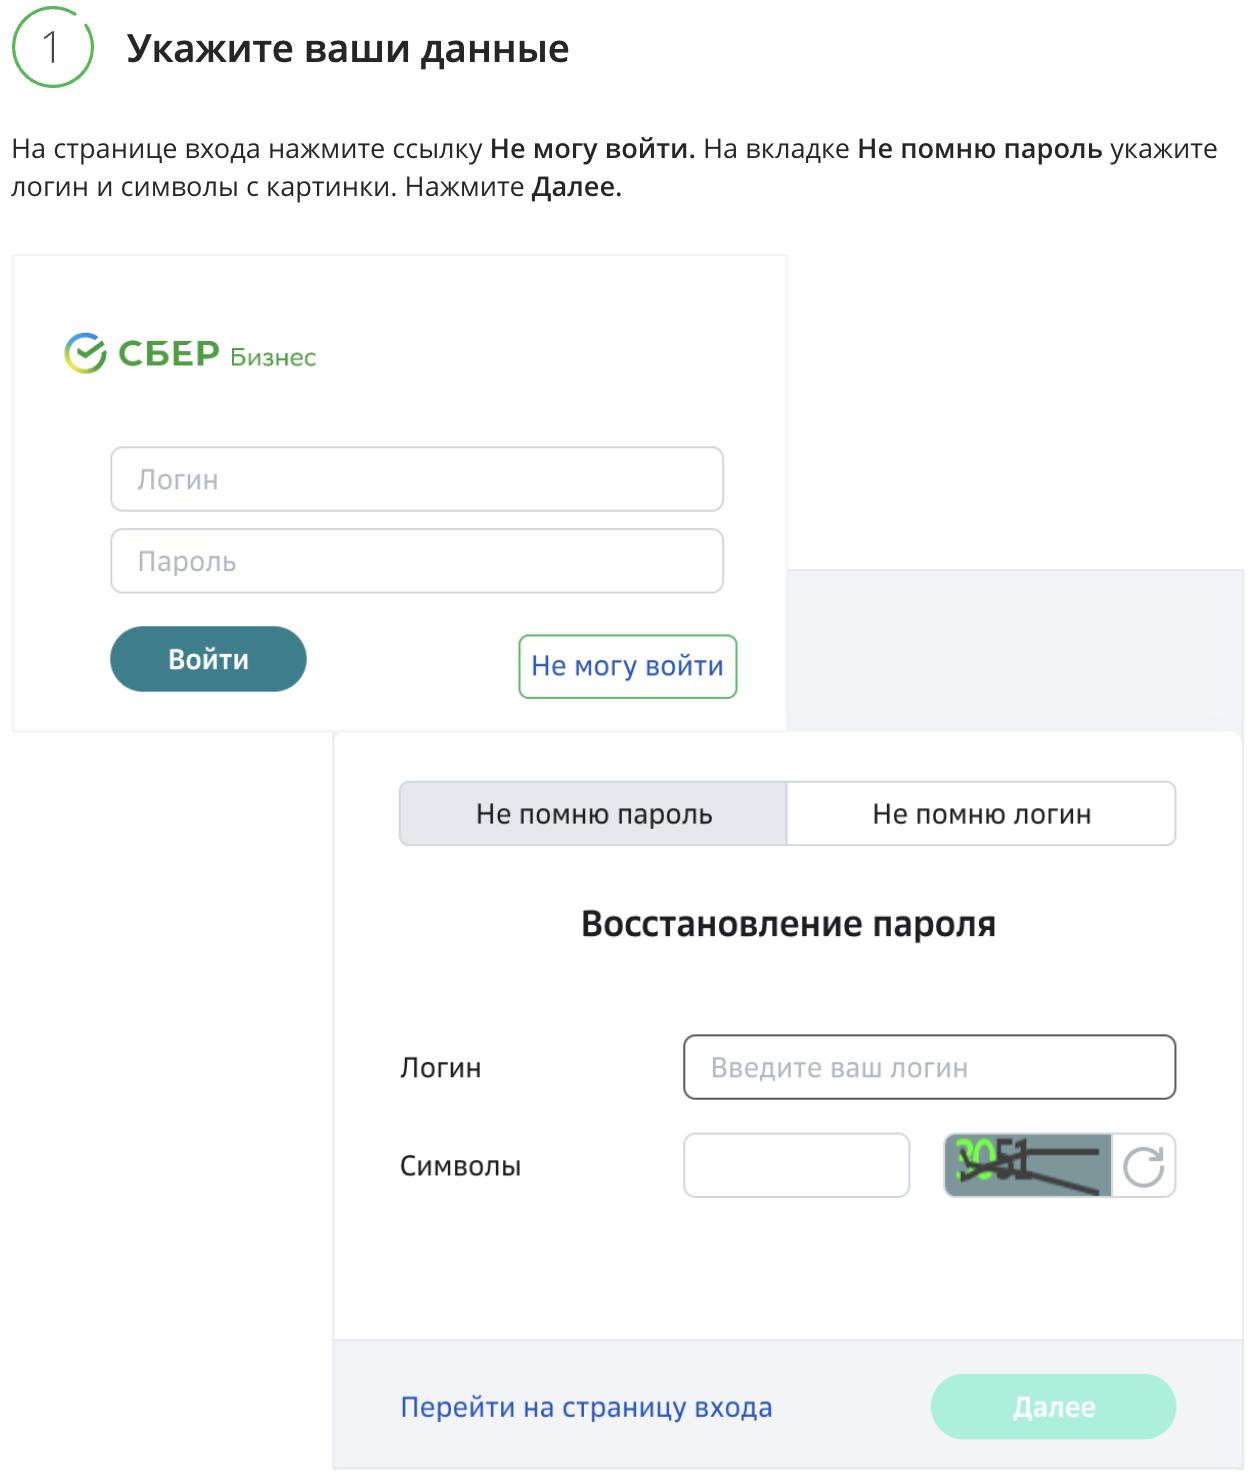 как восстановить если забыли пароль в сбербанк бизнес онлайн